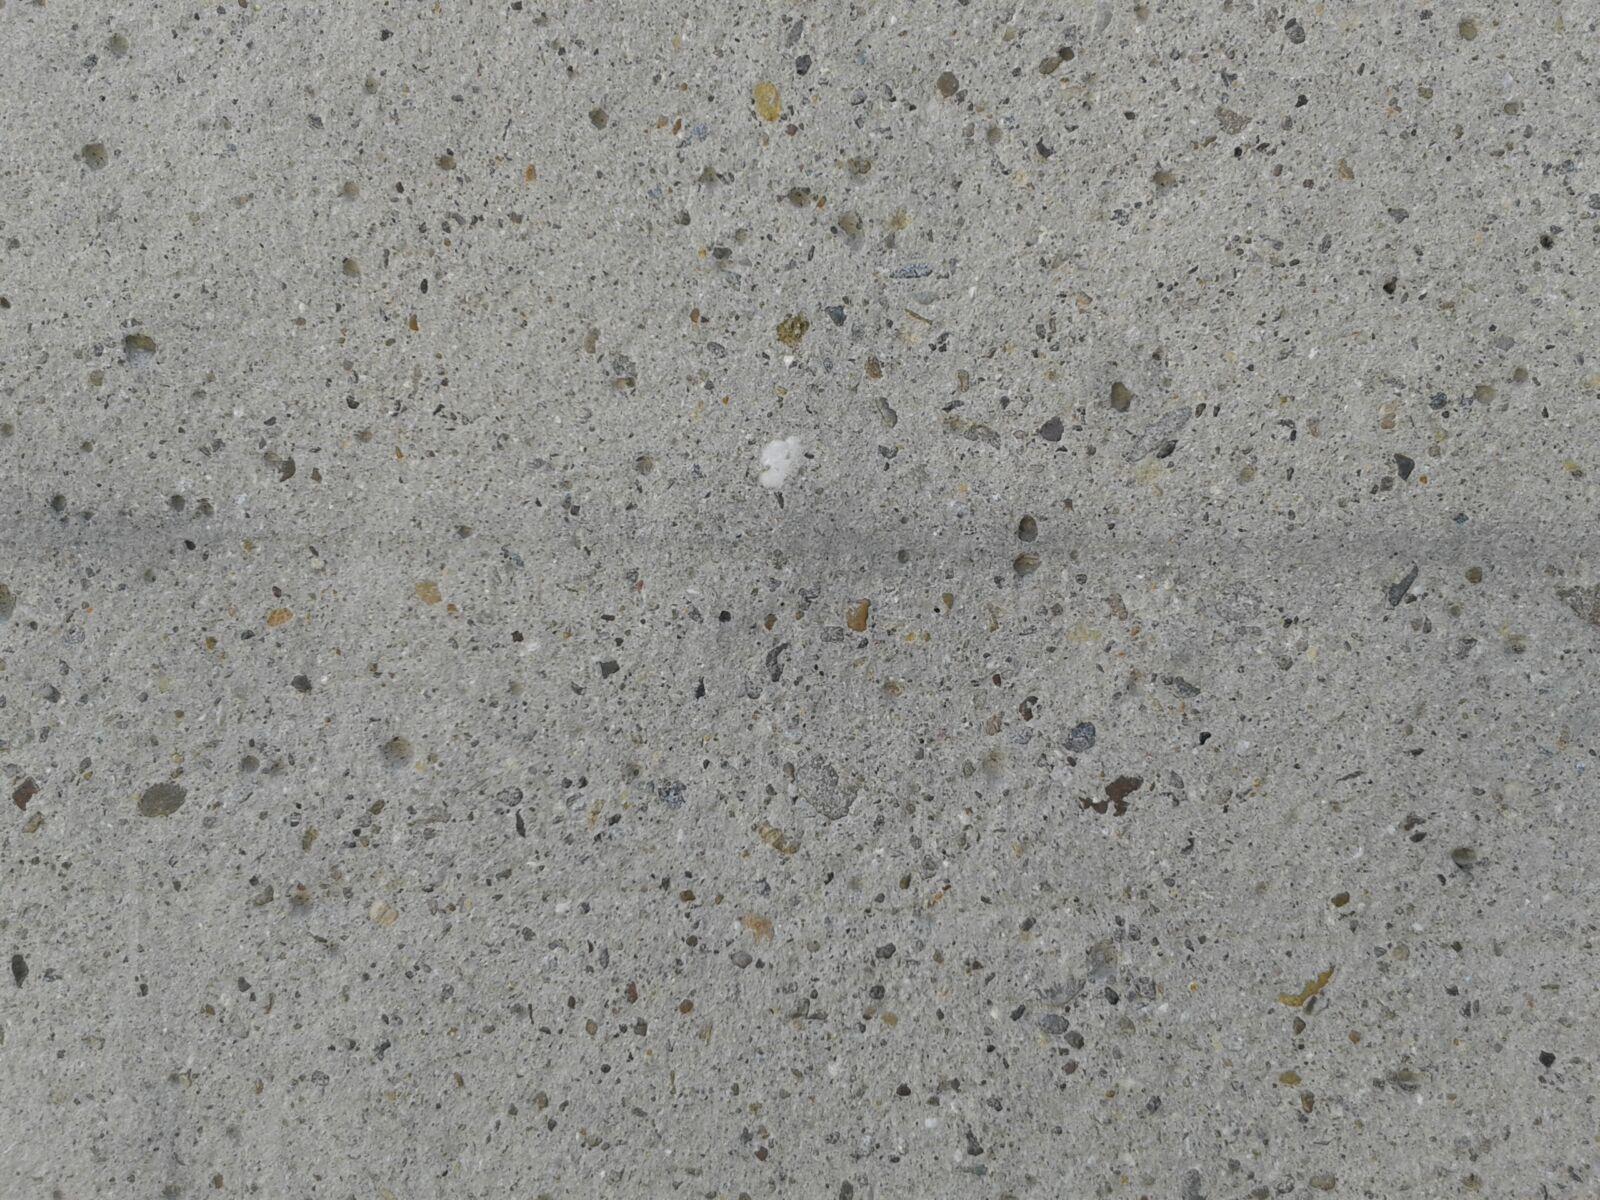 Sandgestrahlter Beton - mittlere Rauigkeit